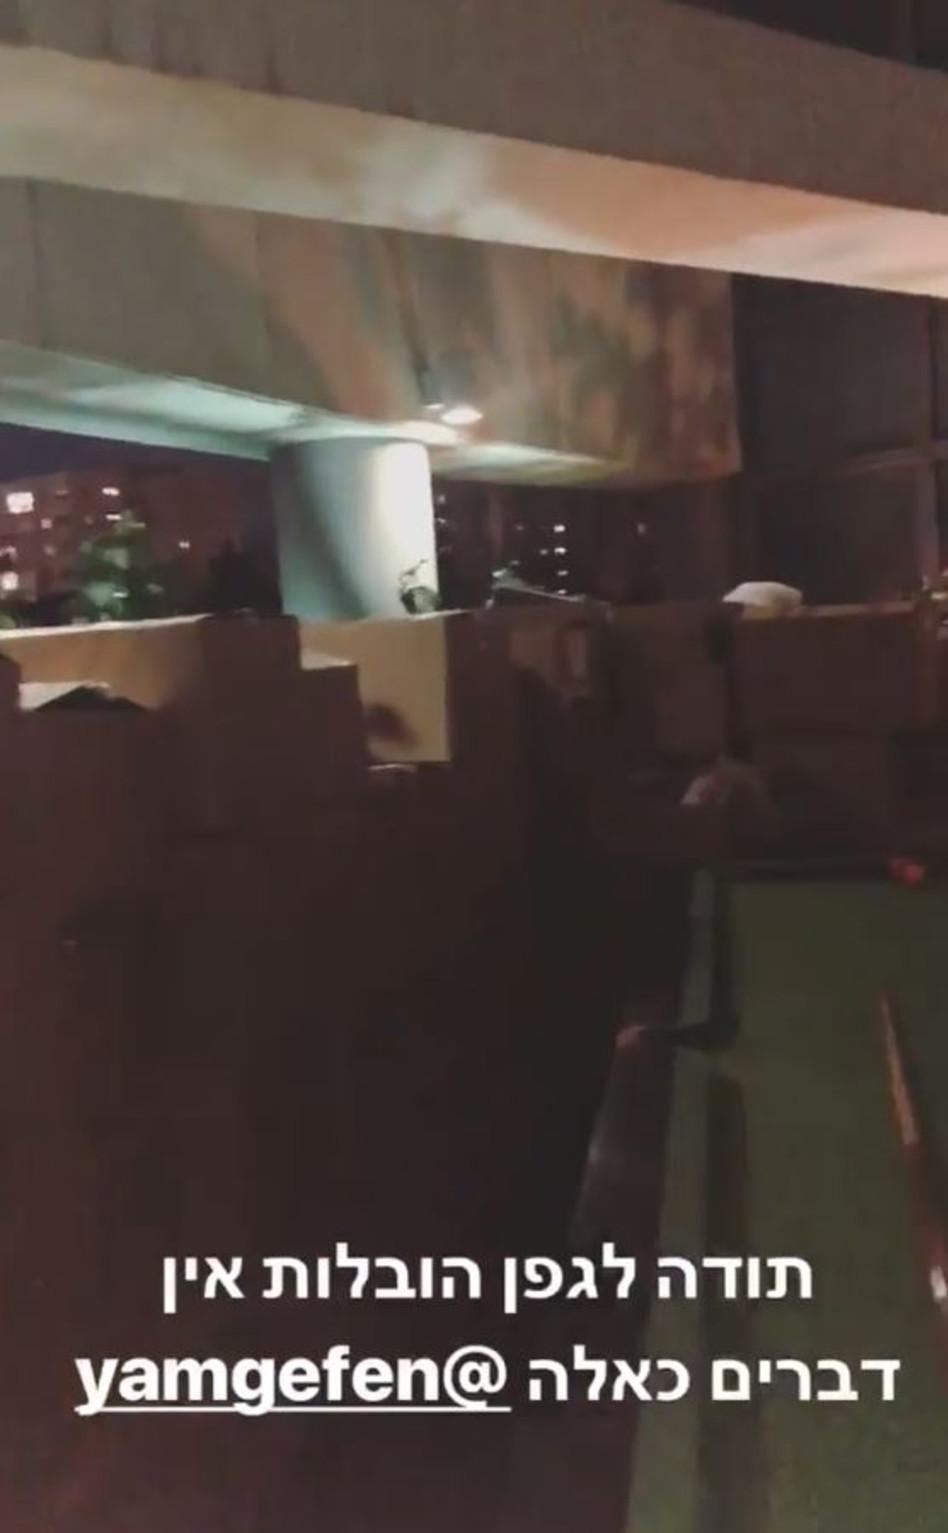 ערימות של ארגזים ושולחן ביליארד בחצר (מתוך: אינסטגרם)